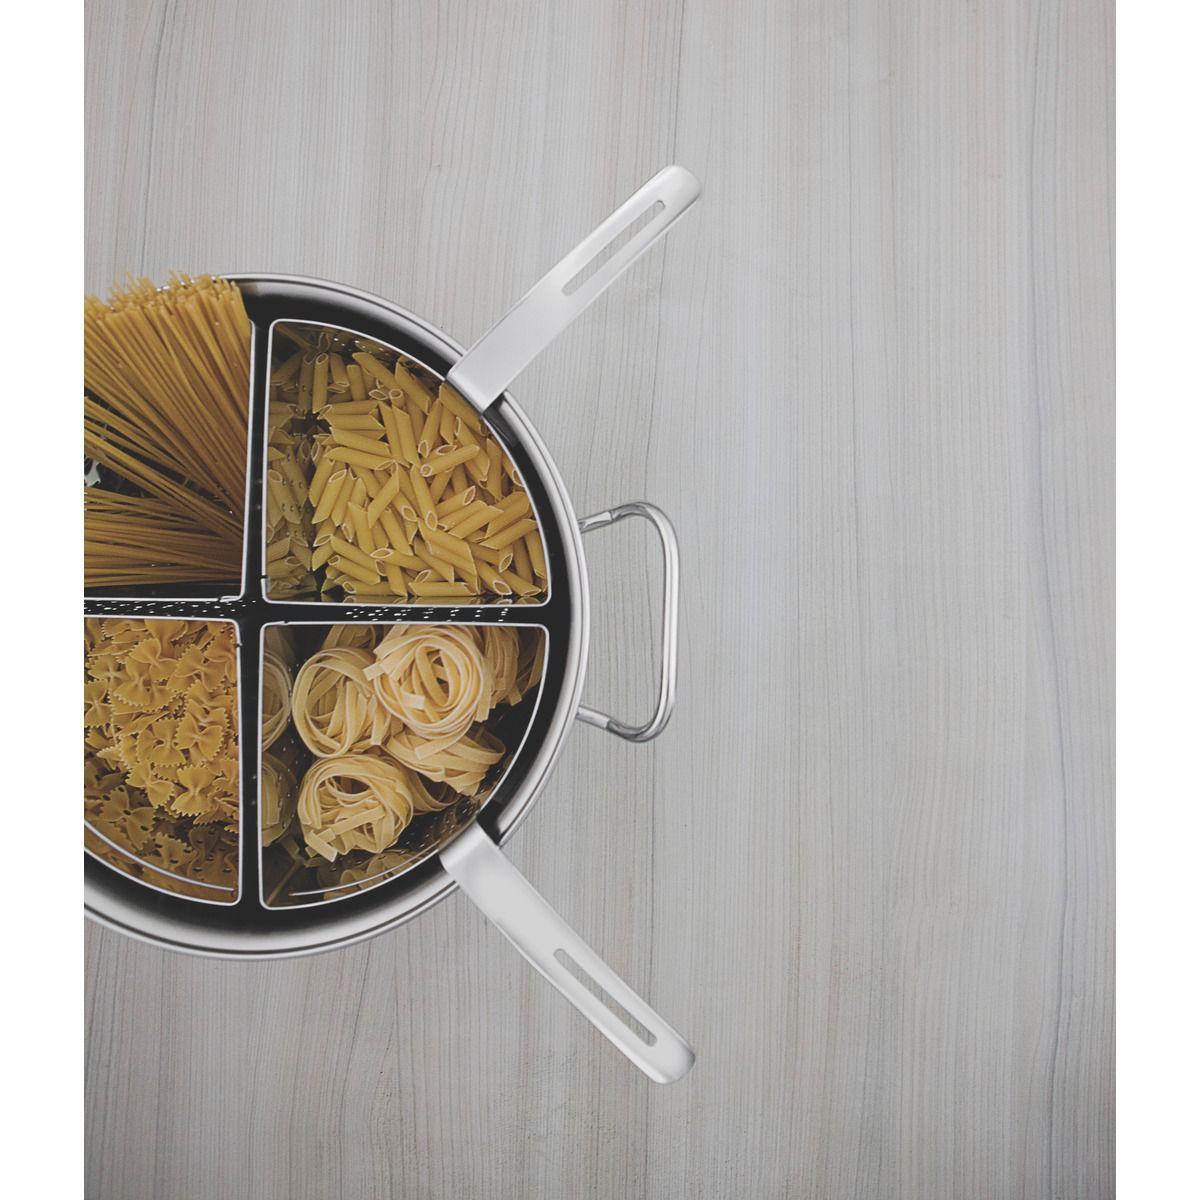 Jogo Cozi-pasta Aço Inox Ø 30cm